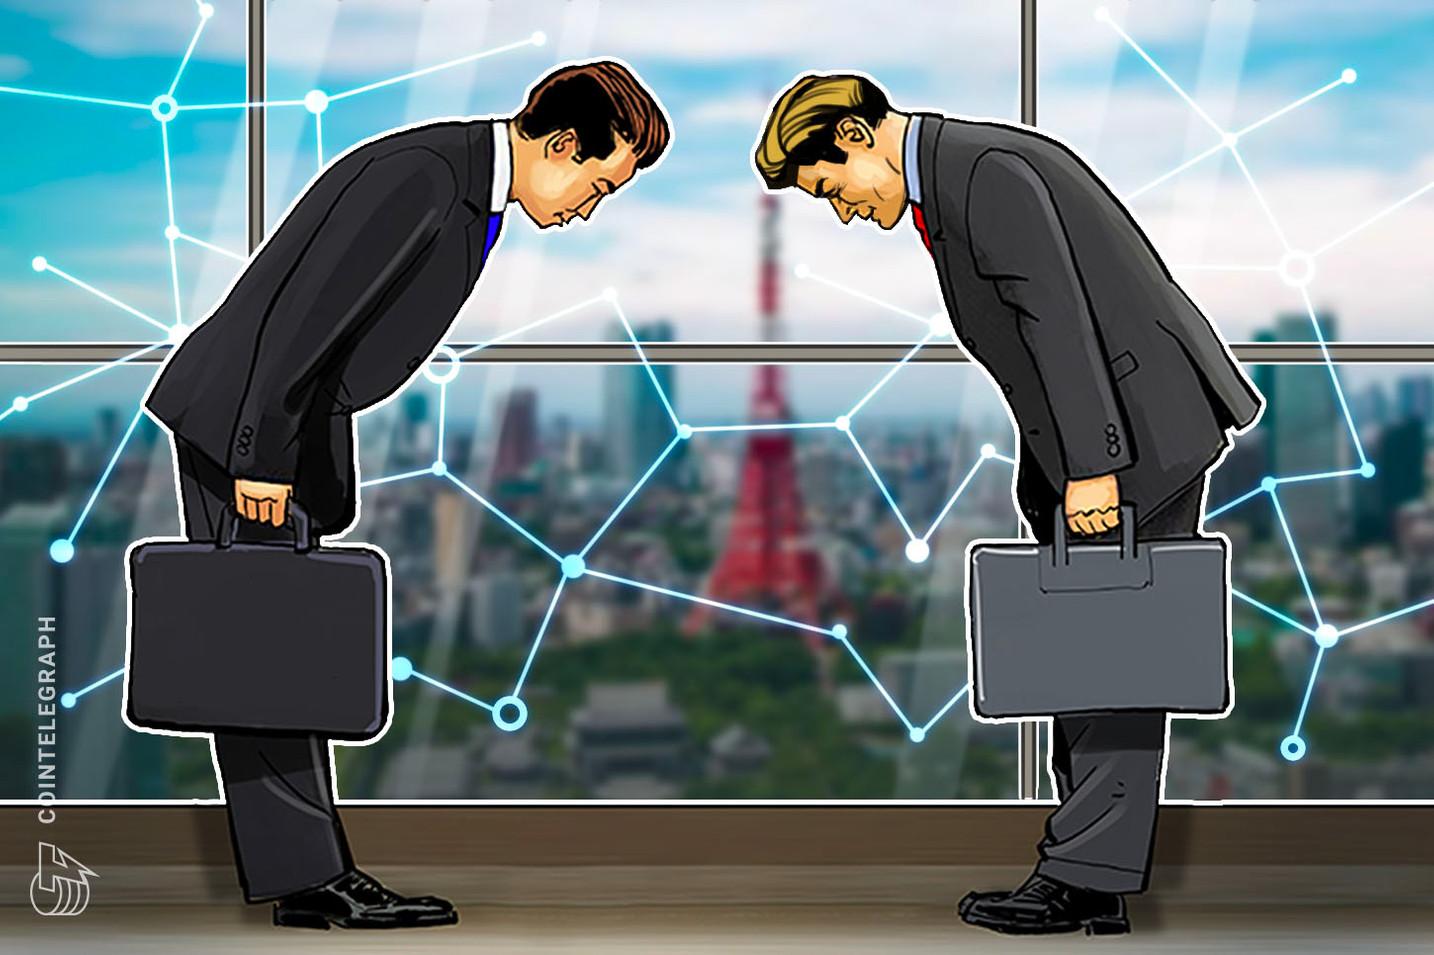 Japón: aplicación de mensajería LINE se asocia con gigante financiero para crear una alianza de blockchain